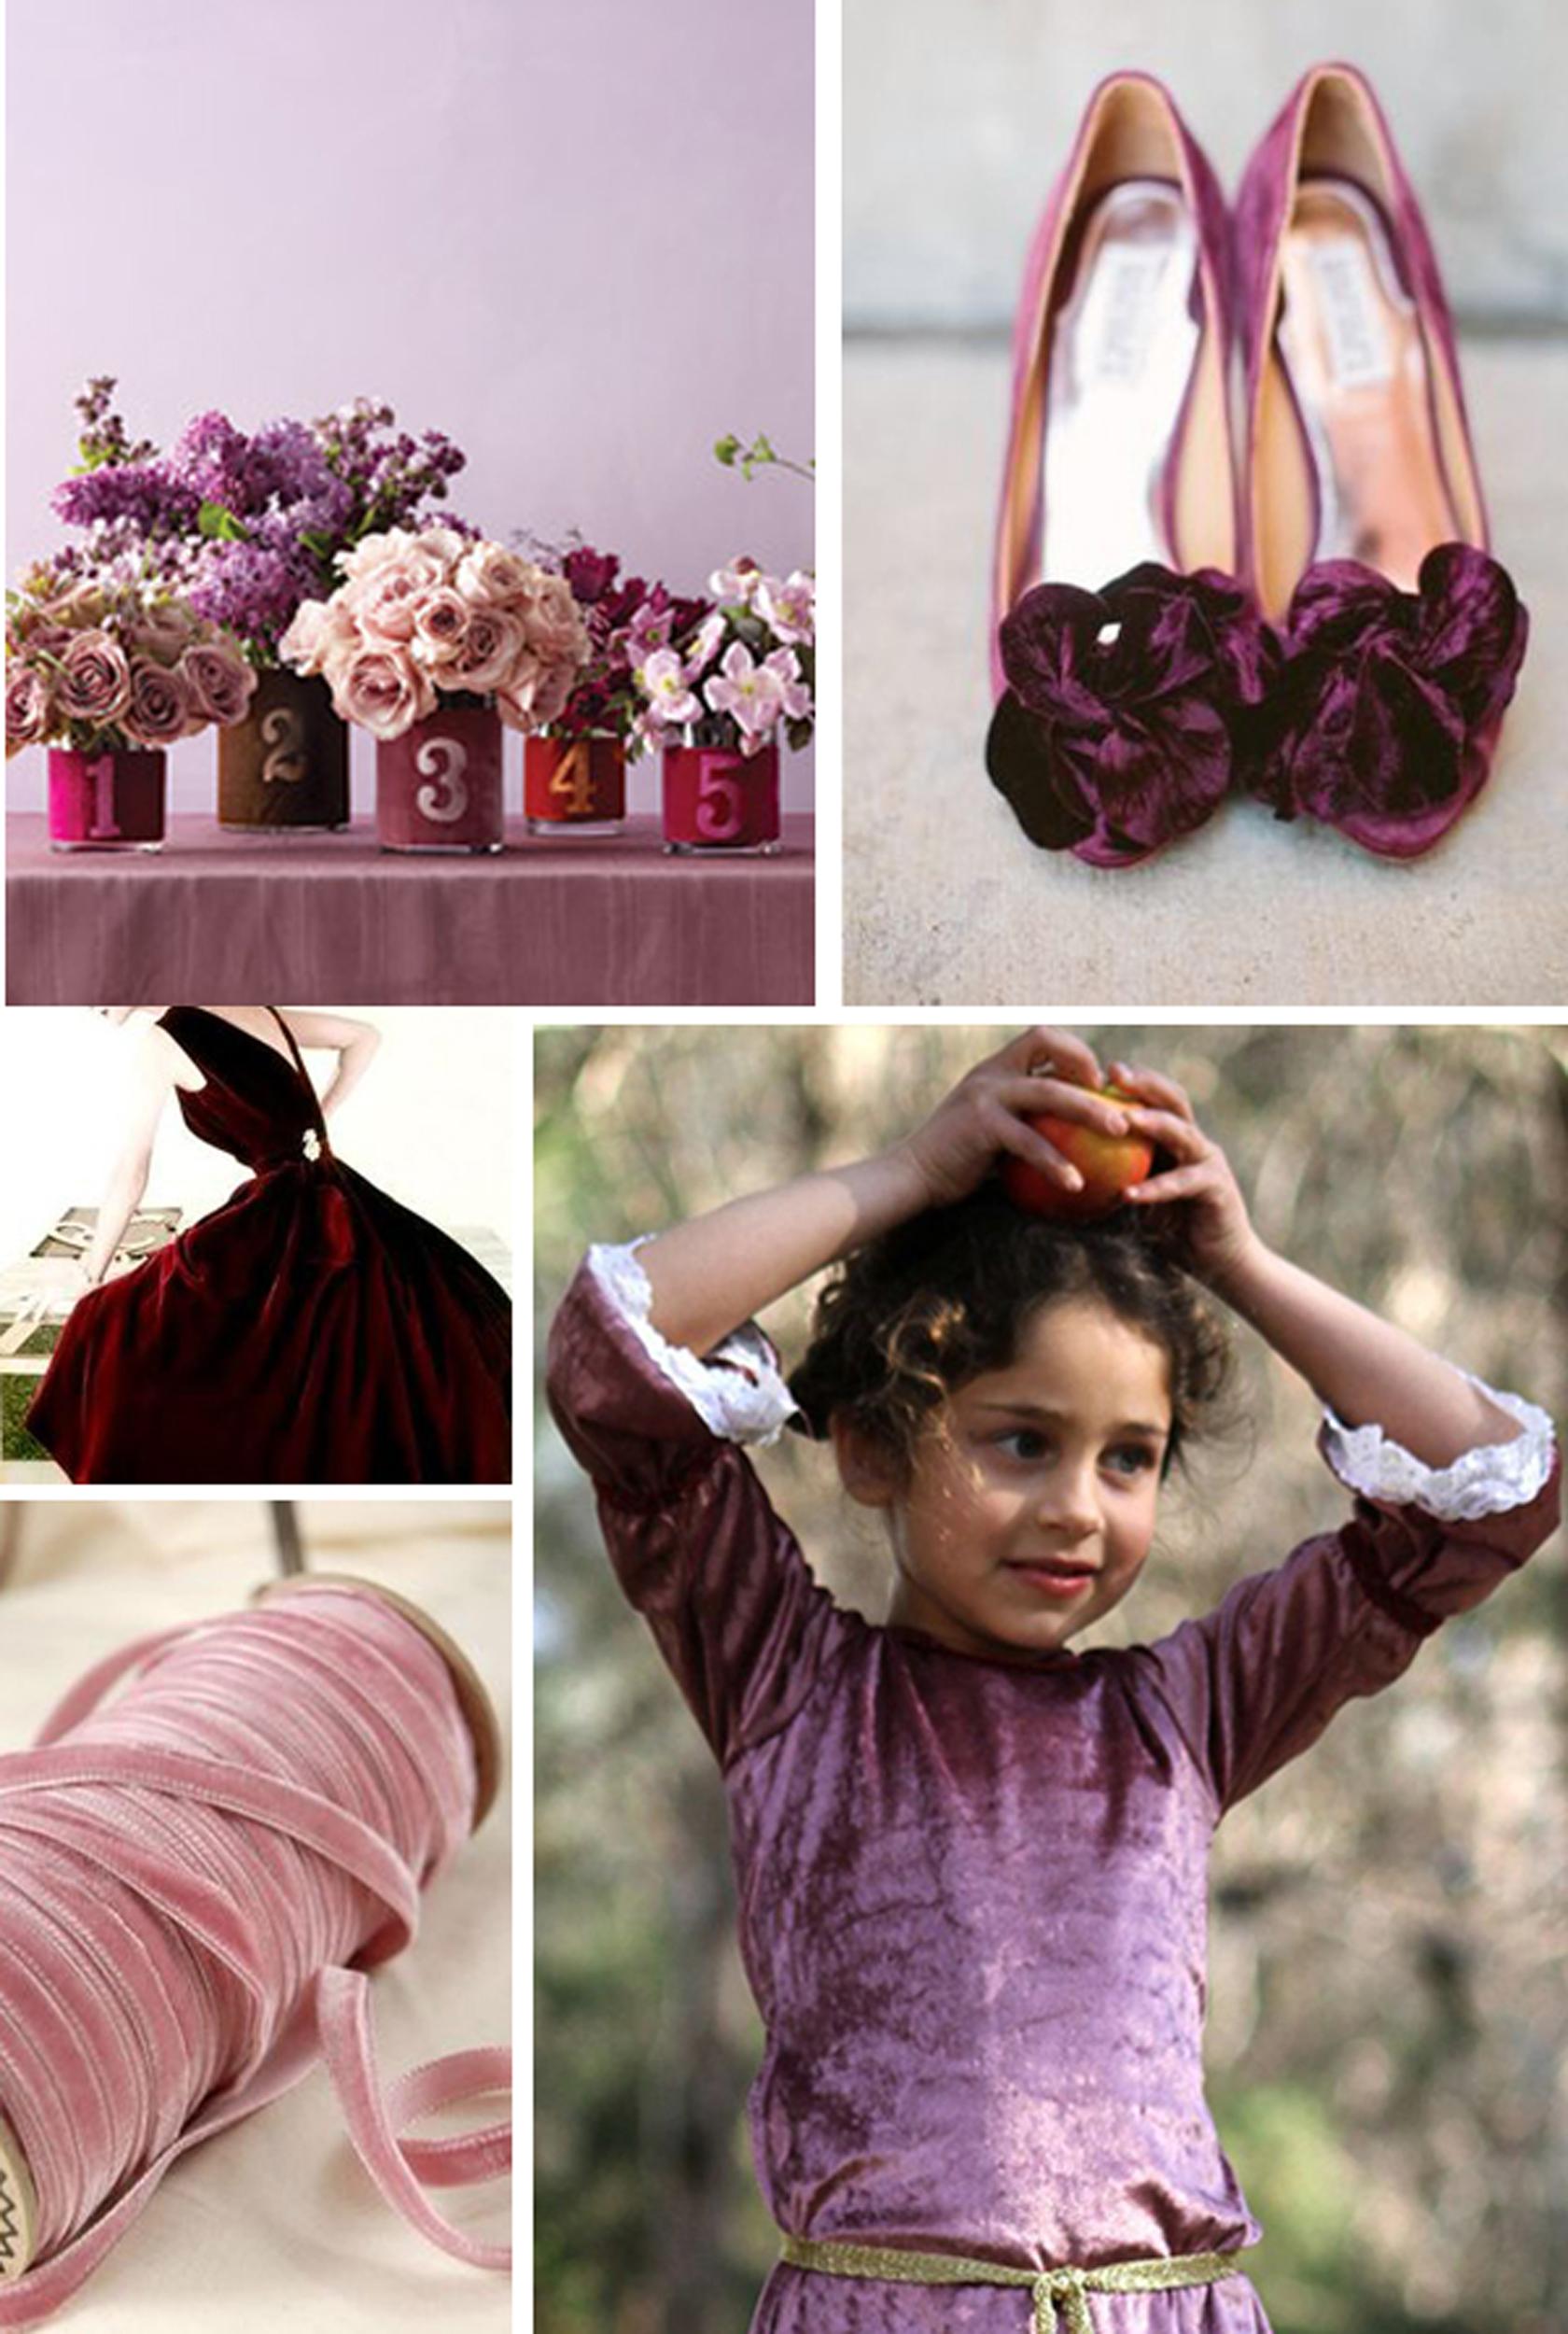 velvetinspiration_collage2